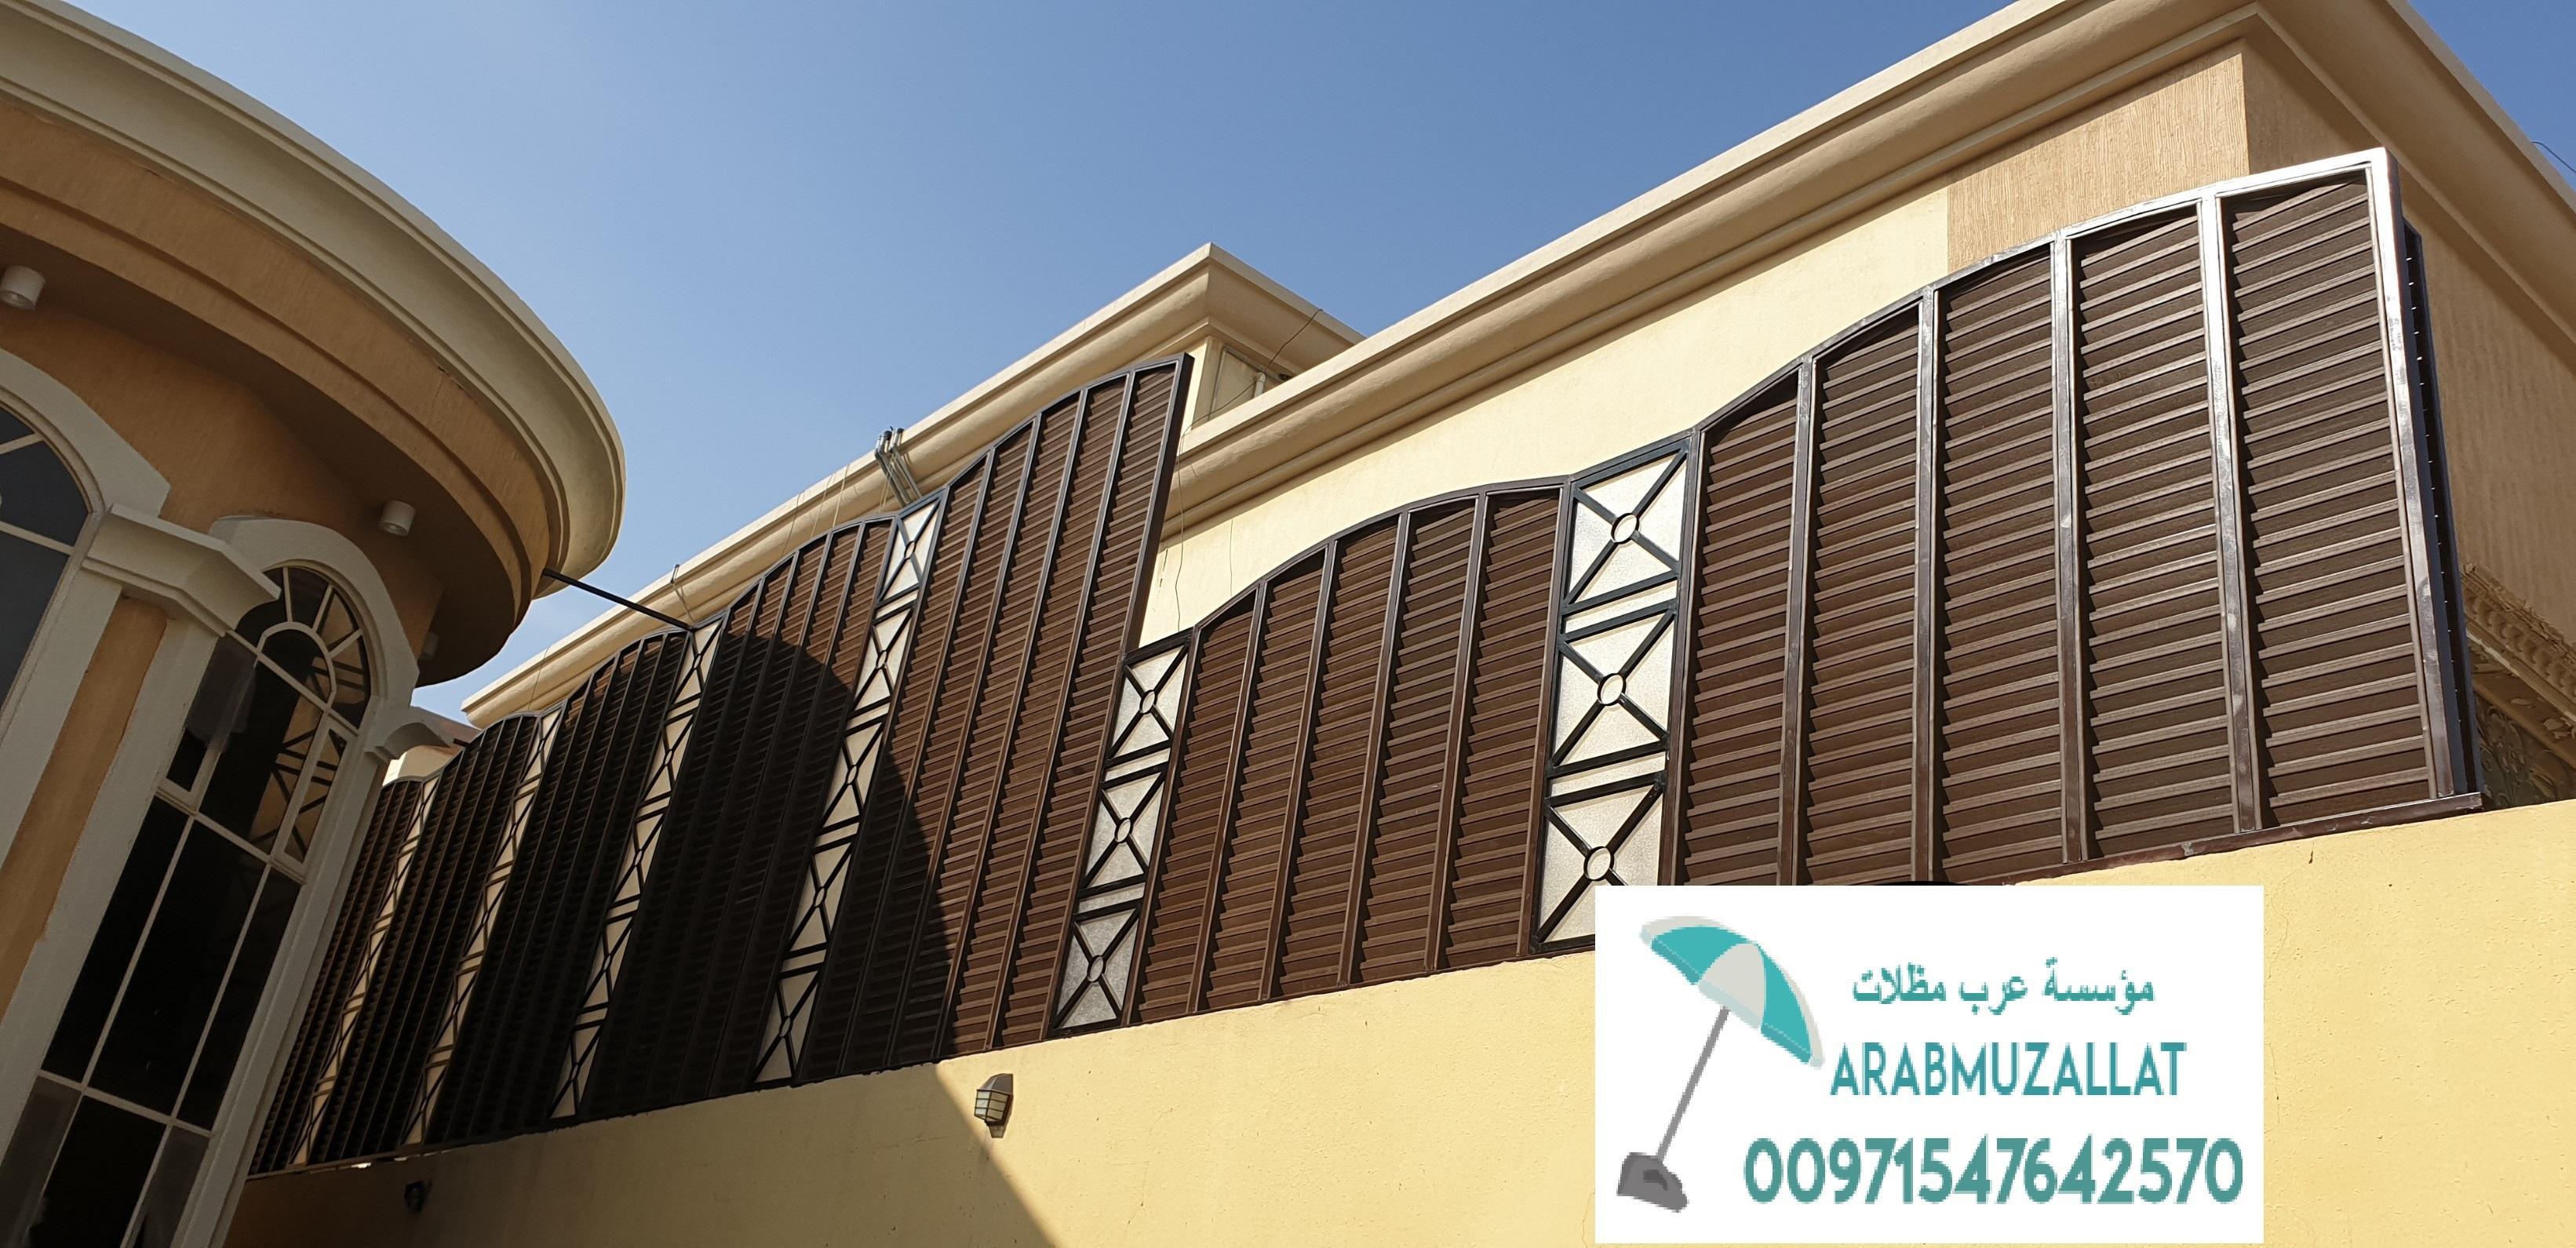 تركيب سواتر و مؤسسة سواتر في دبي 00971547642570 901601394